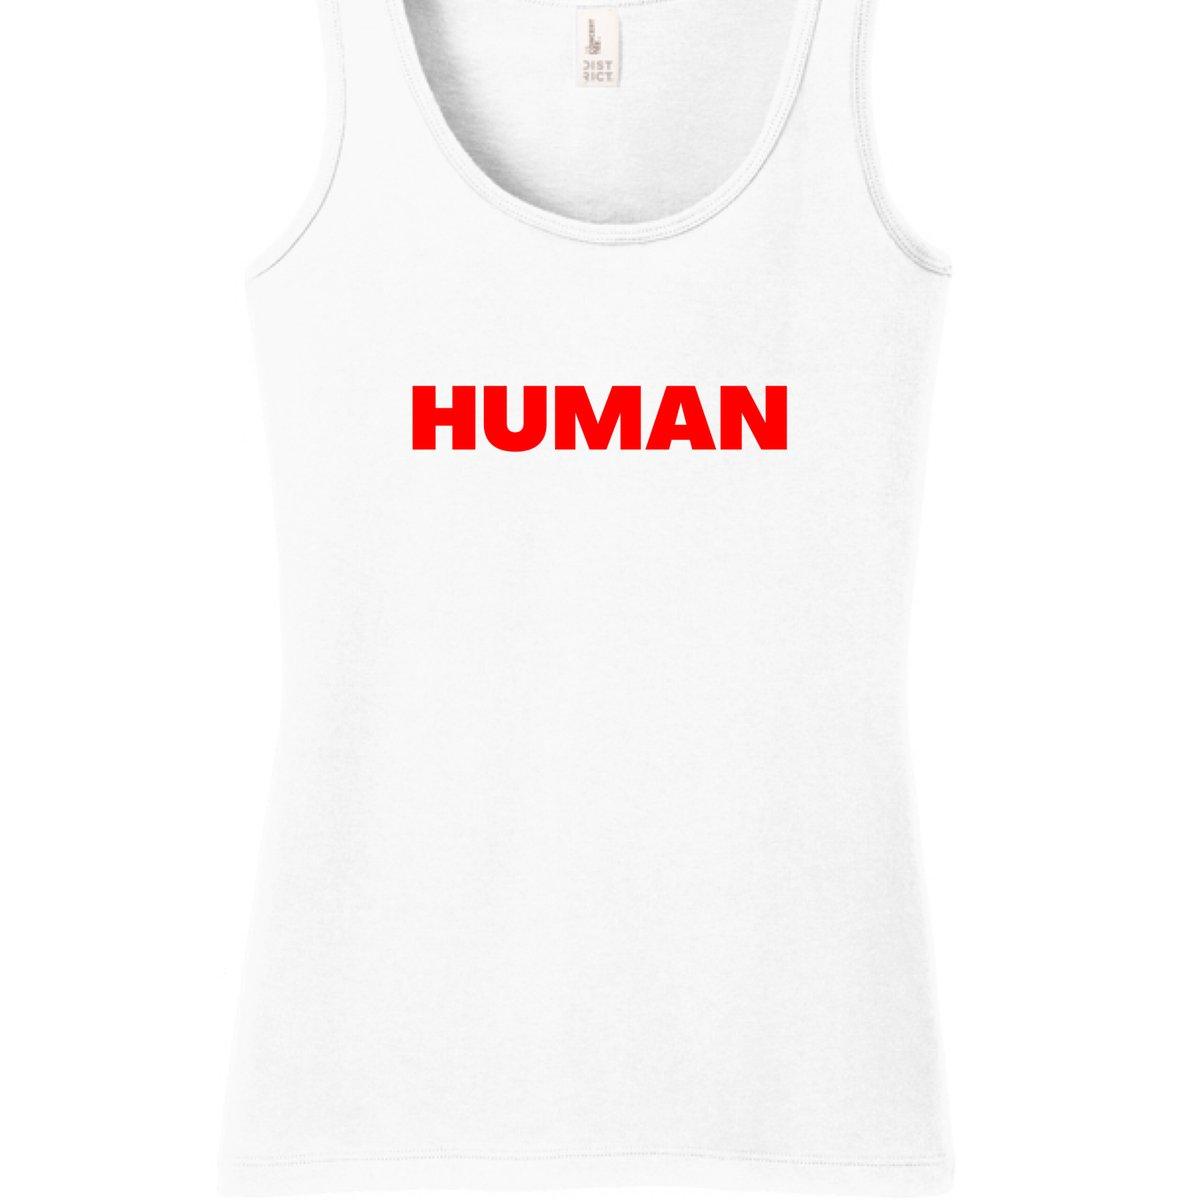 Image of HUMAN tank top | LADIES